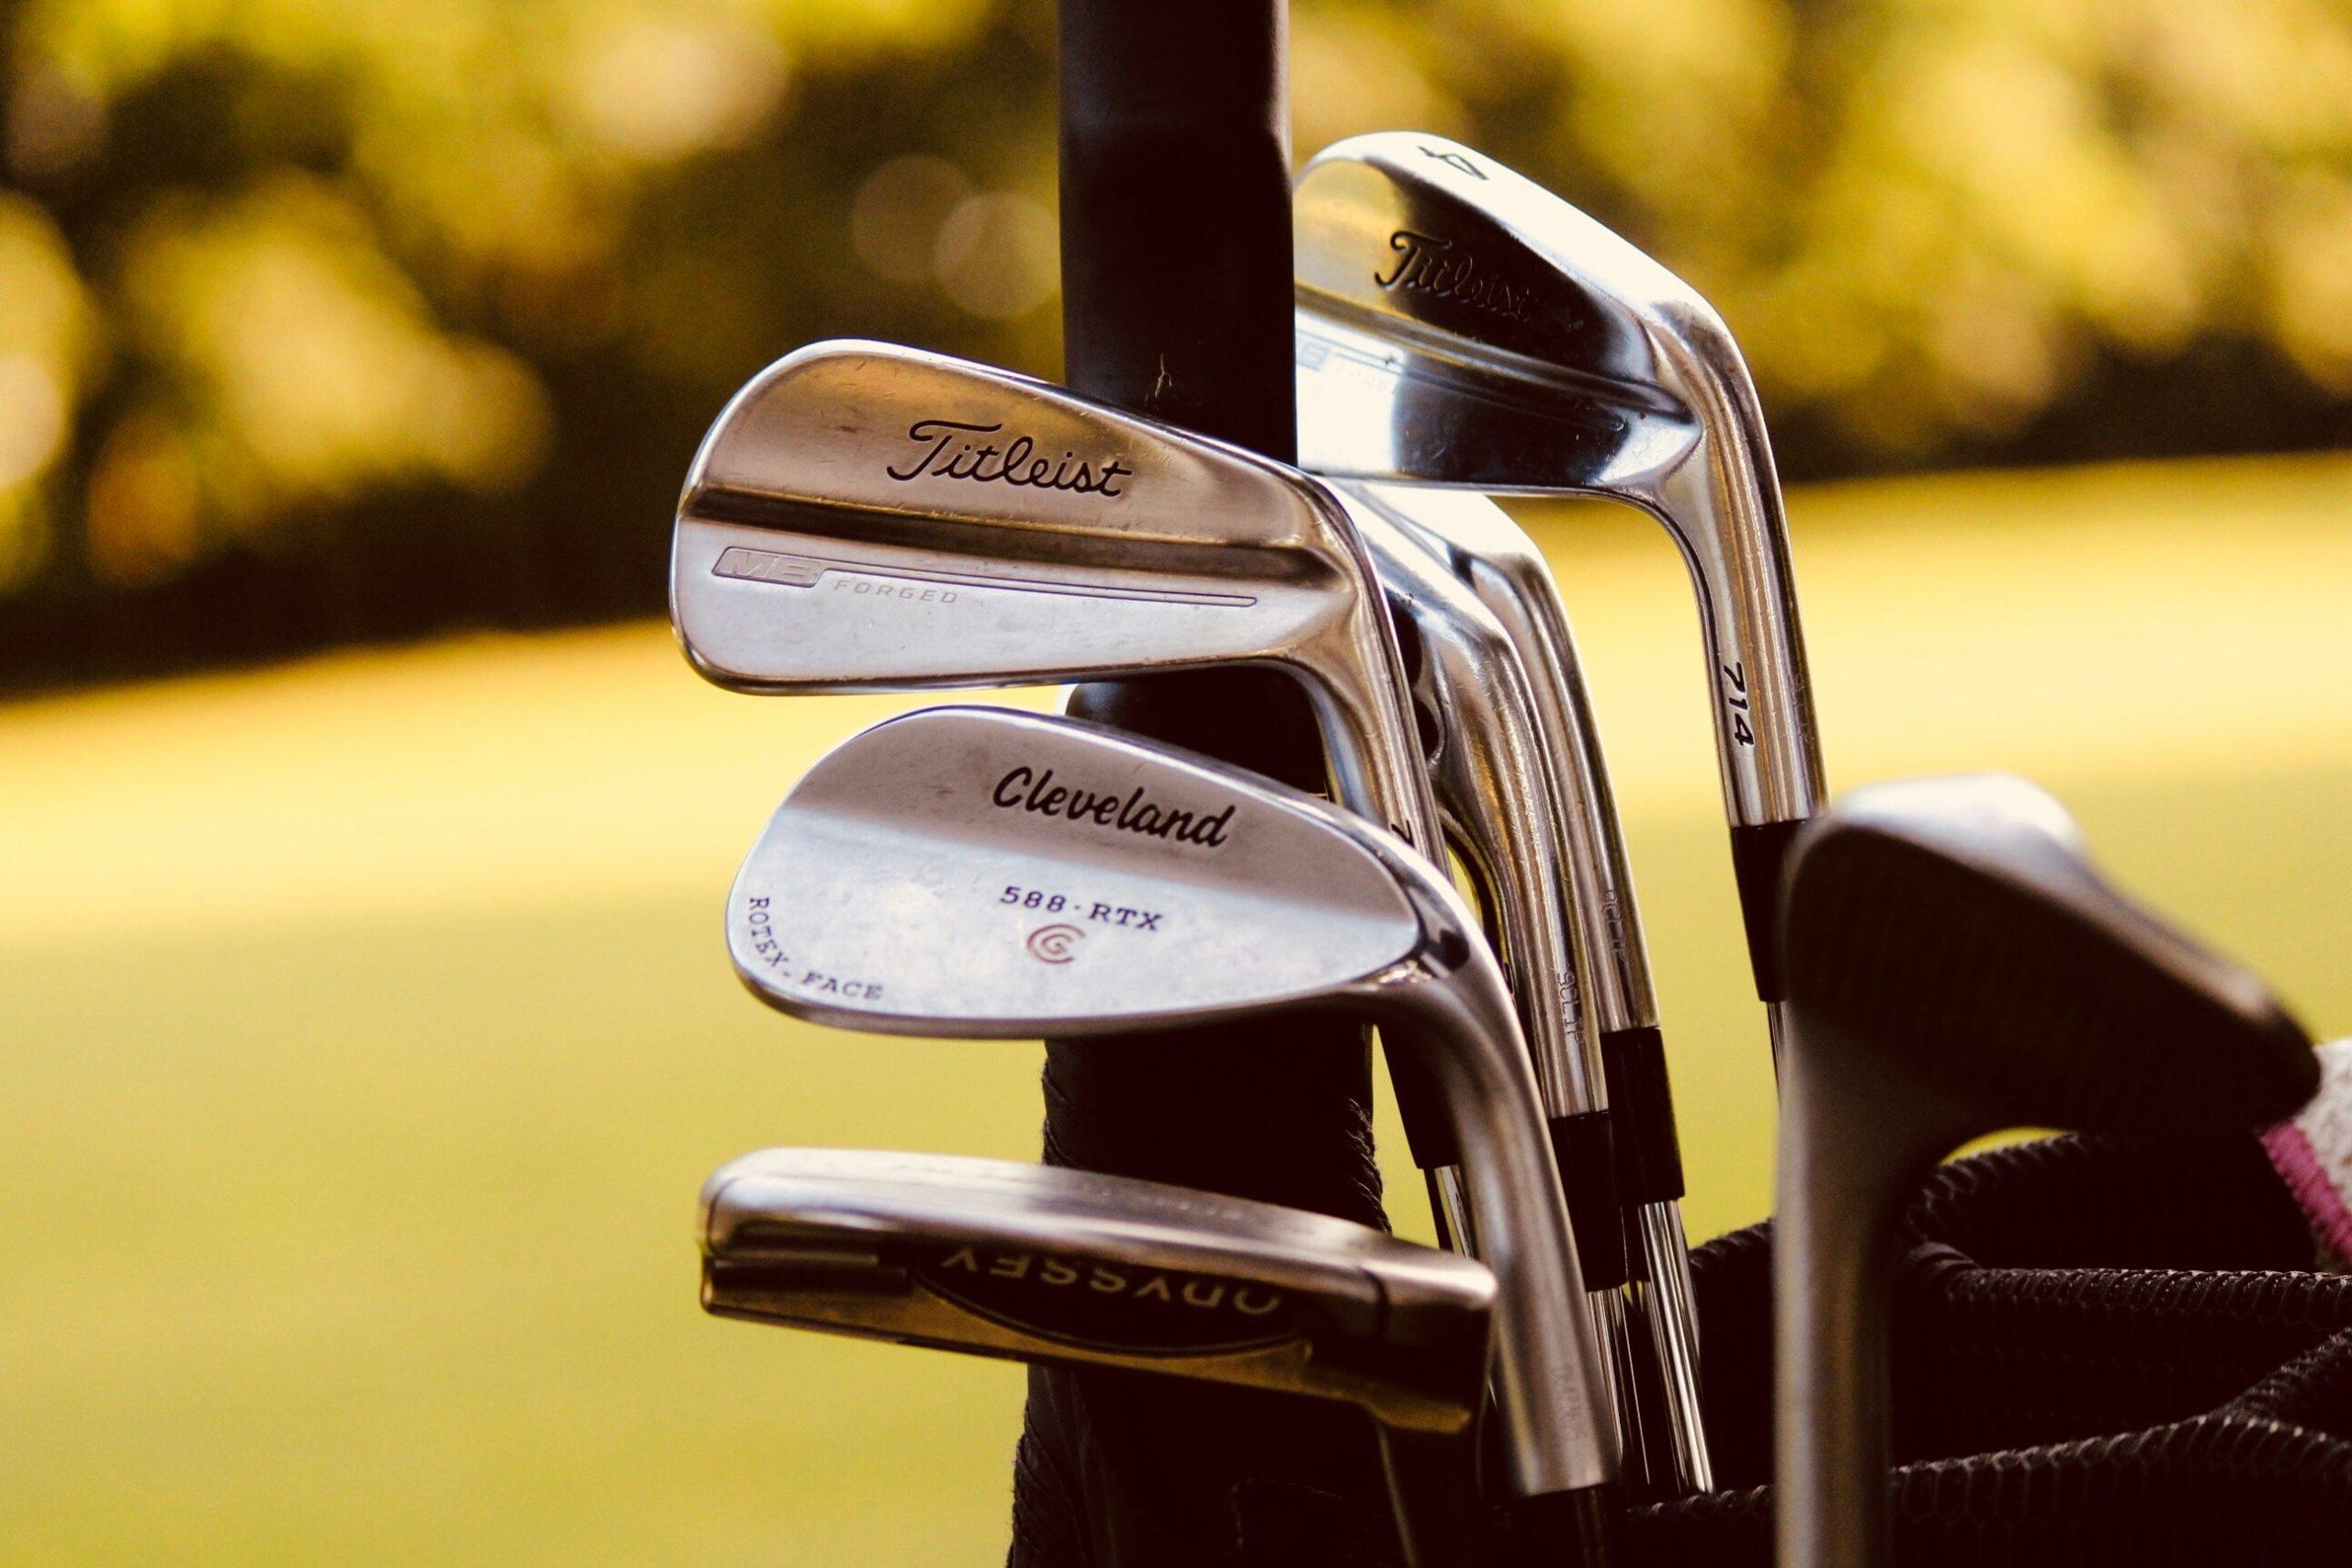 社会人の趣味ゴルフの始め方!道具・費用・服装を解説【最安値で揃えます】